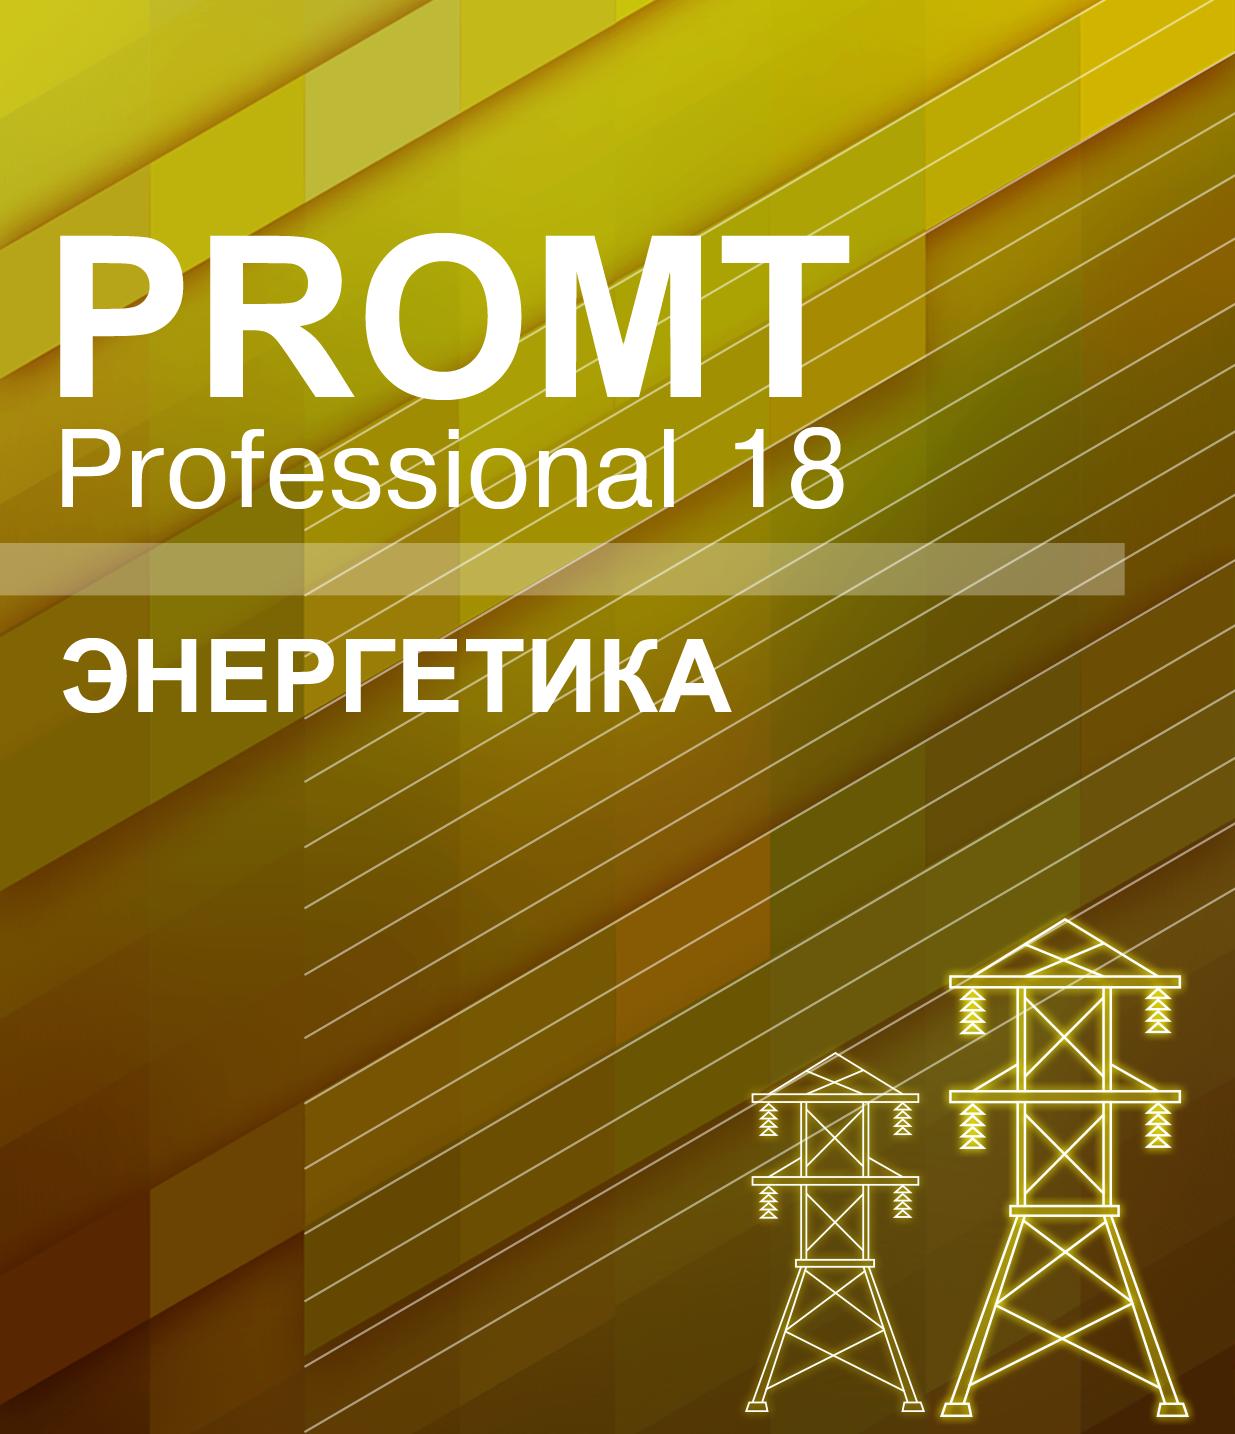 PROMT Professional 18 Энергетика